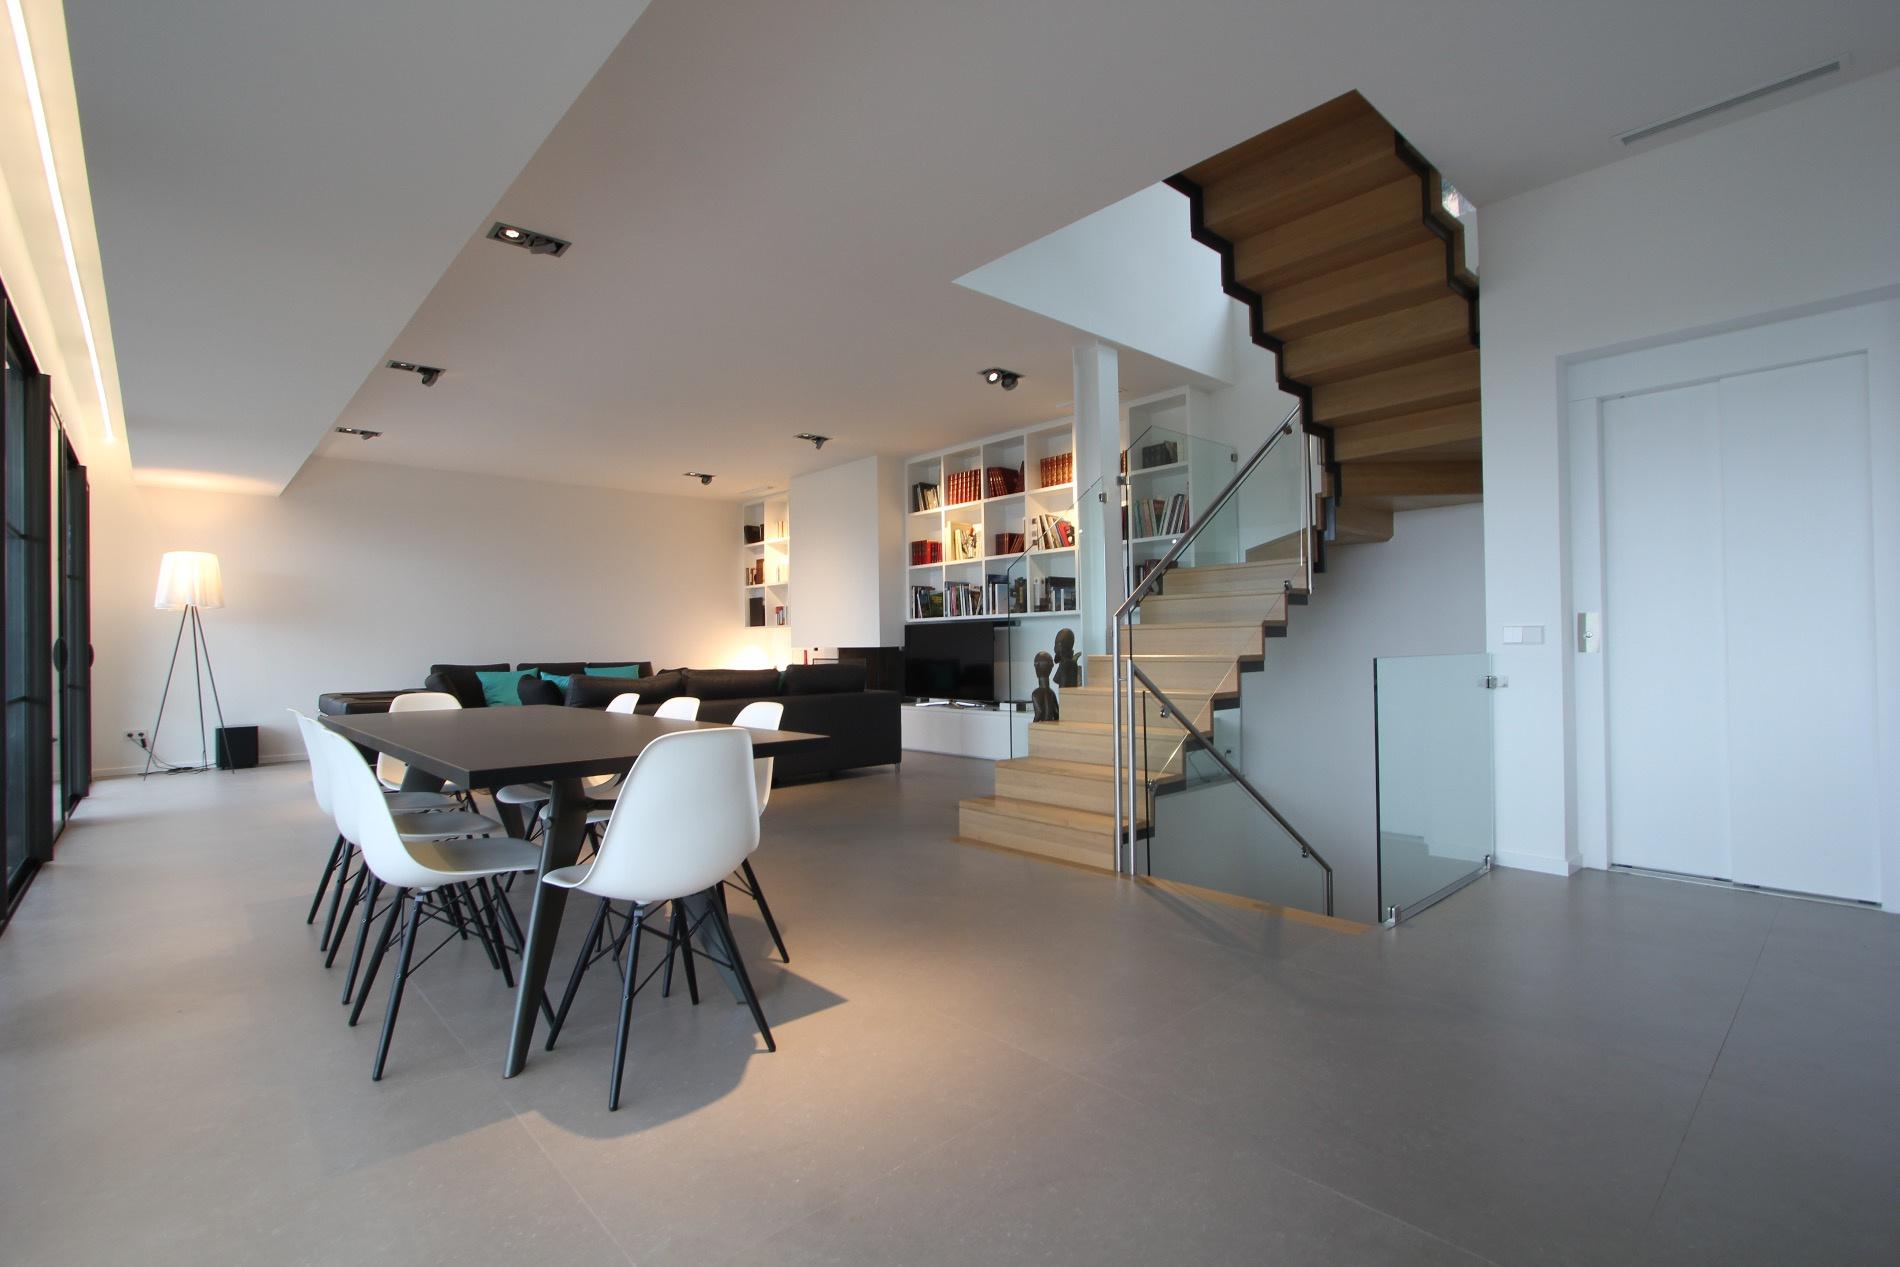 Vente toulouse marengo maison t5 148 m garage for Garage marengo toulouse